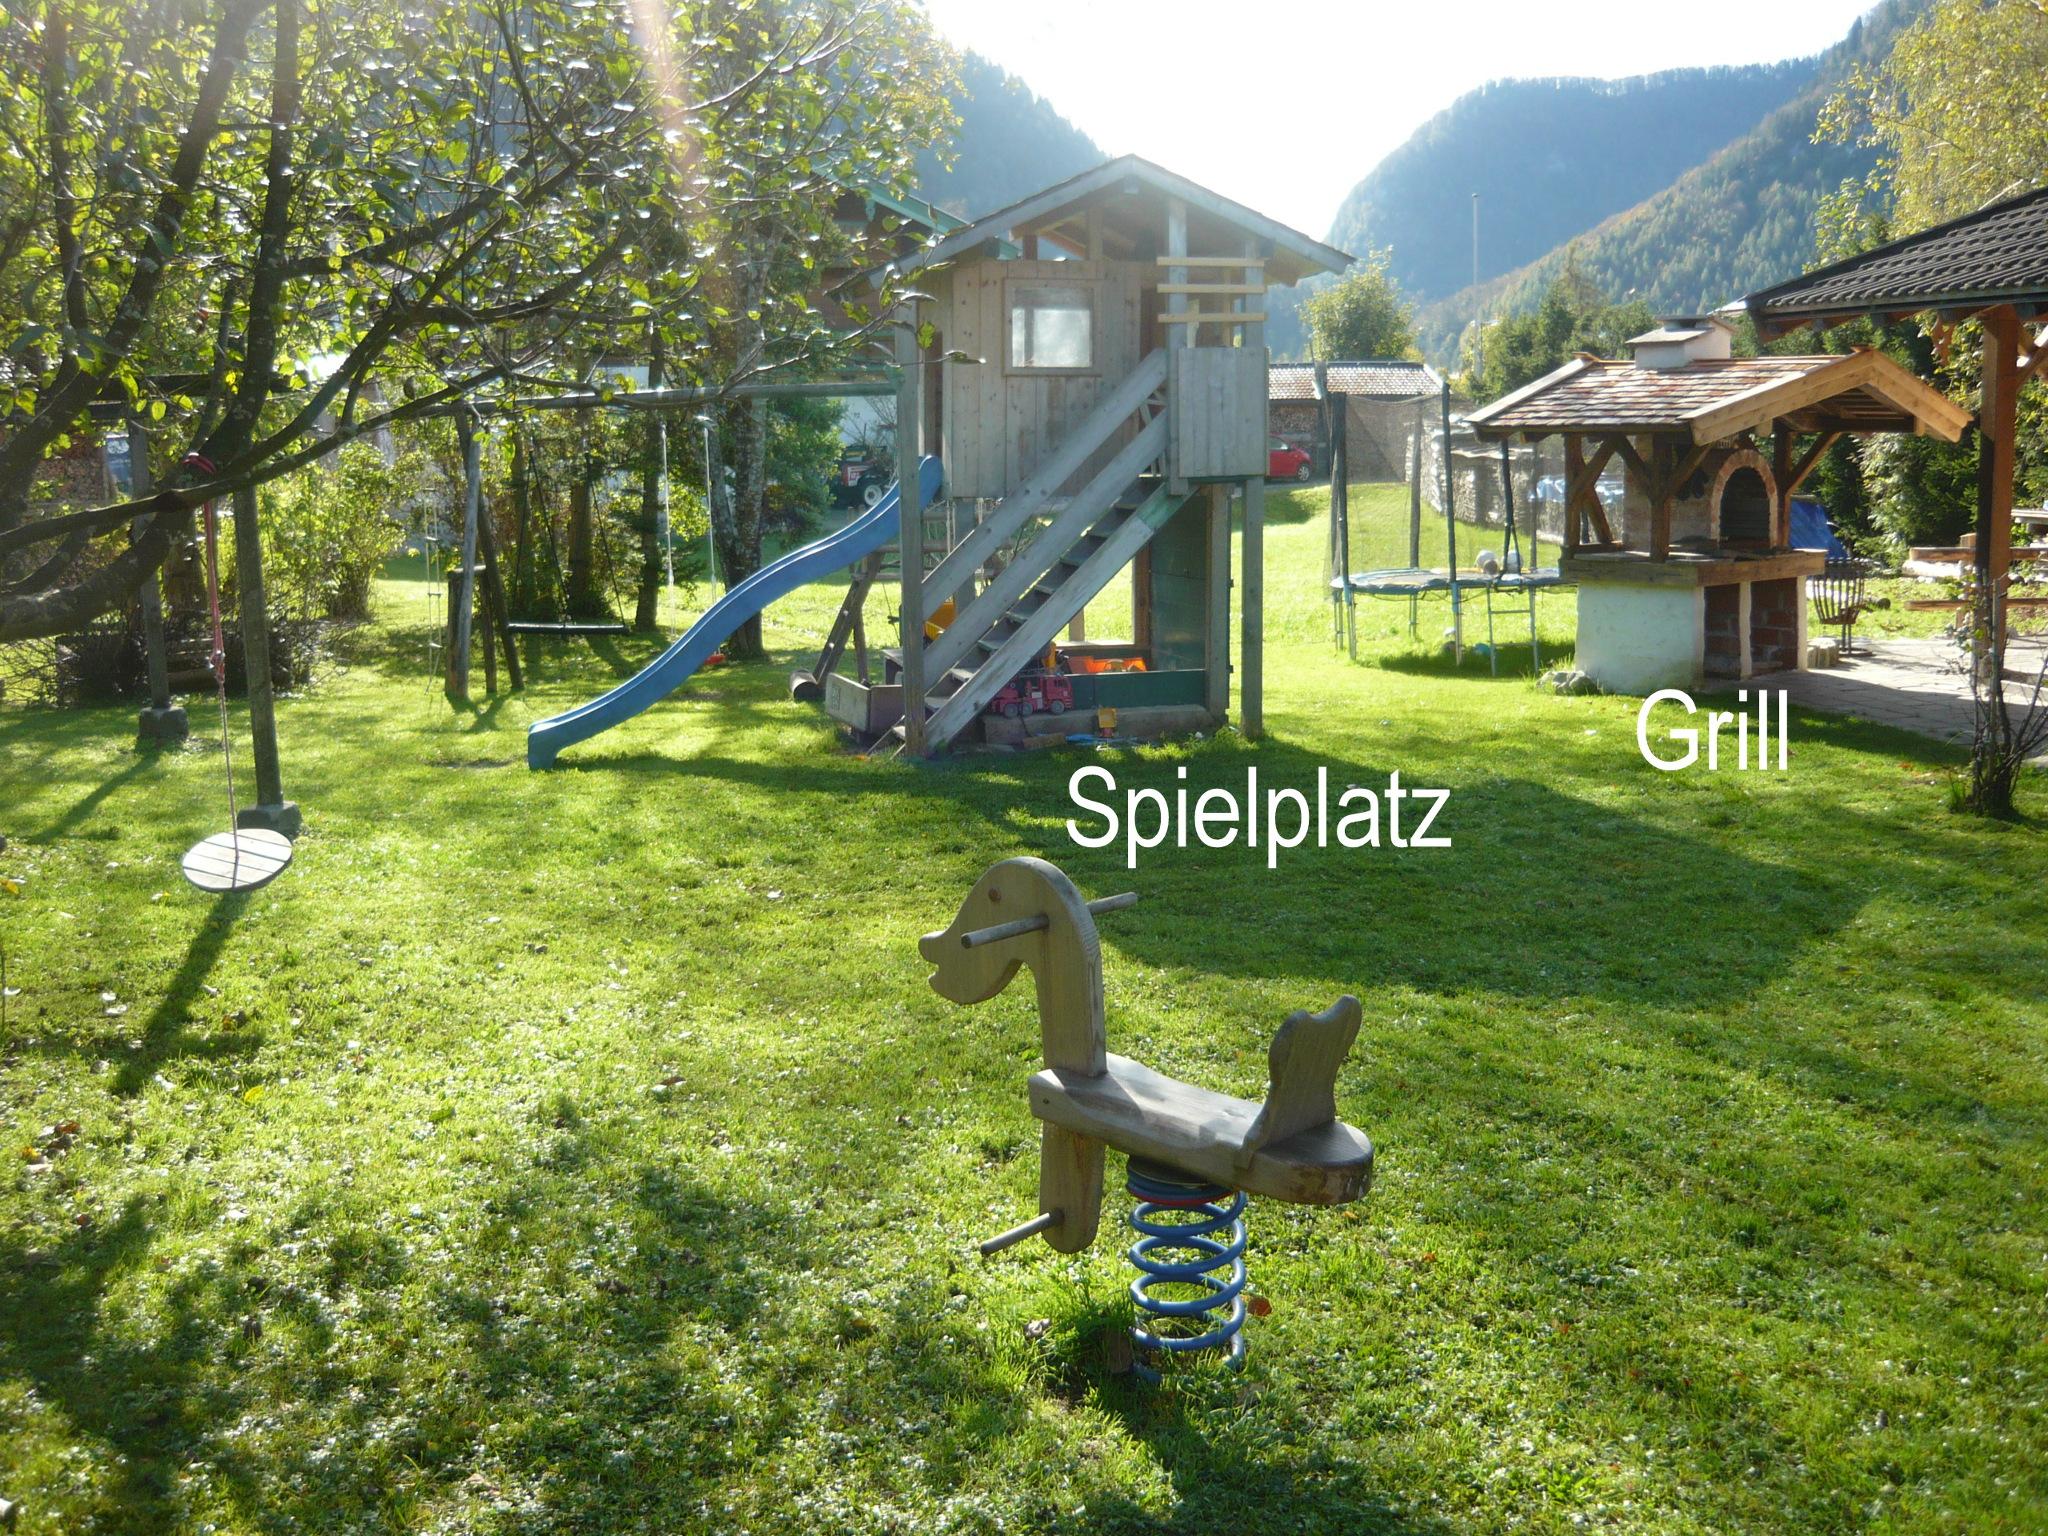 Appartement de vacances Gästehaus Kress - Chiemgau Karte (DE Inzell). Ferienwohnung 2 für 4 Personen, 1 Schlaf- un (712315), Inzell, Chiemgau, Bavière, Allemagne, image 7